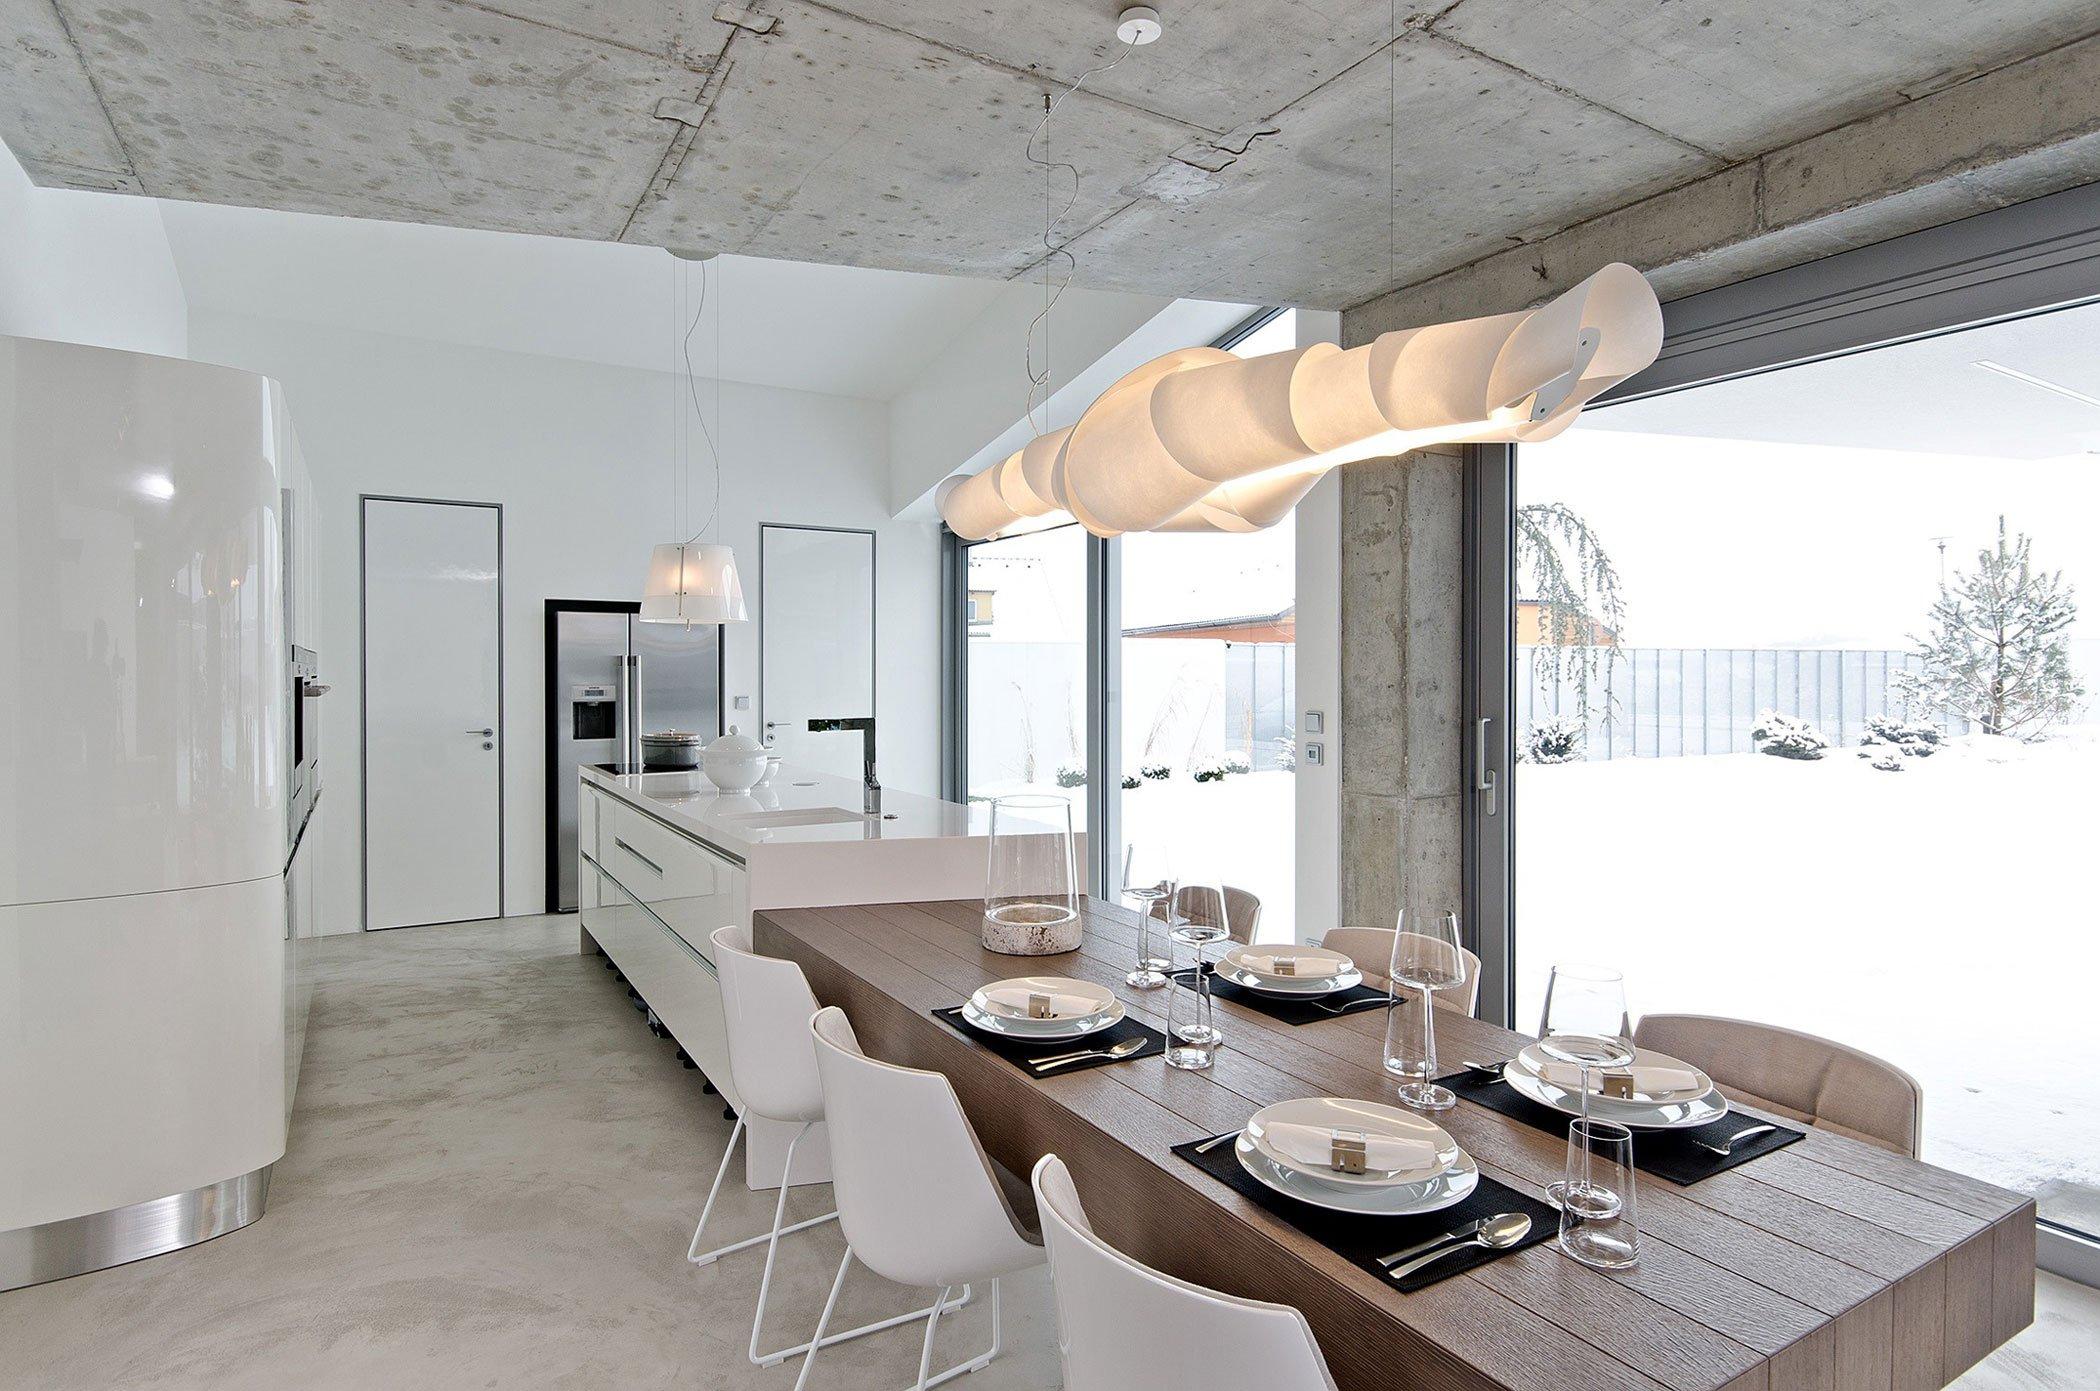 Betonvloer Woonkamer Prijs : Kosten betonvloer betonvloer with kosten betonvloer beautiful